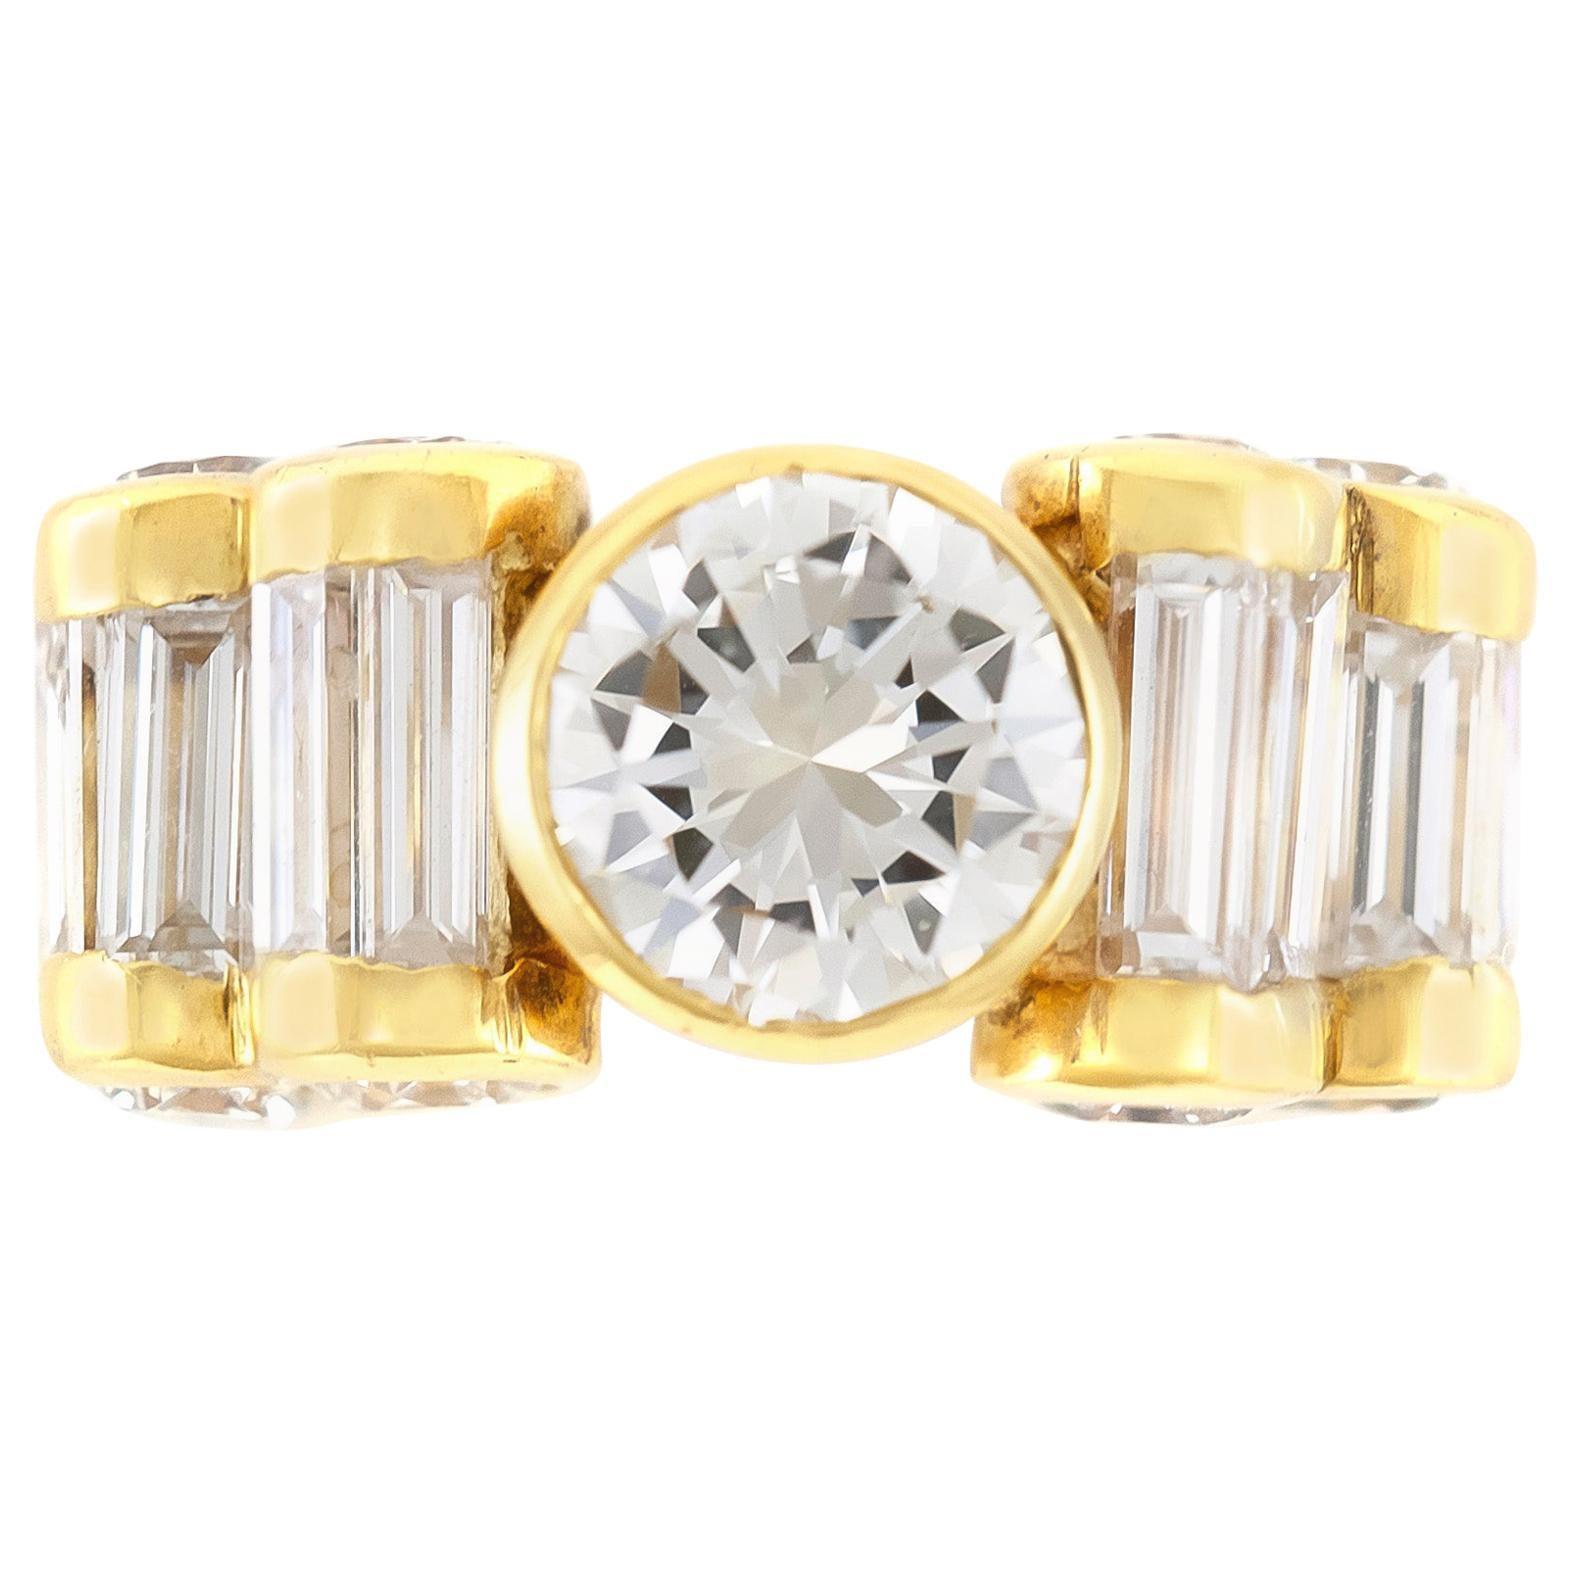 1980s 18 Karat Yellow Gold Engagement Ring